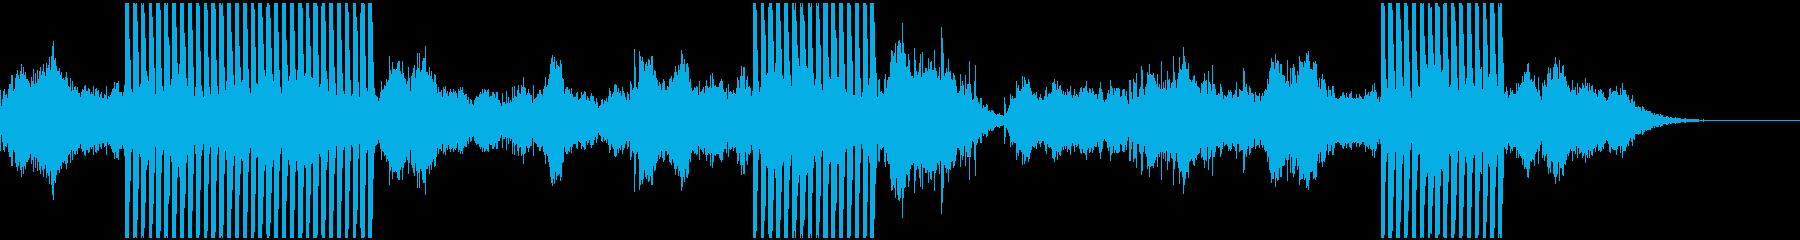 (ストリング)見えない力に導かれる様子の再生済みの波形